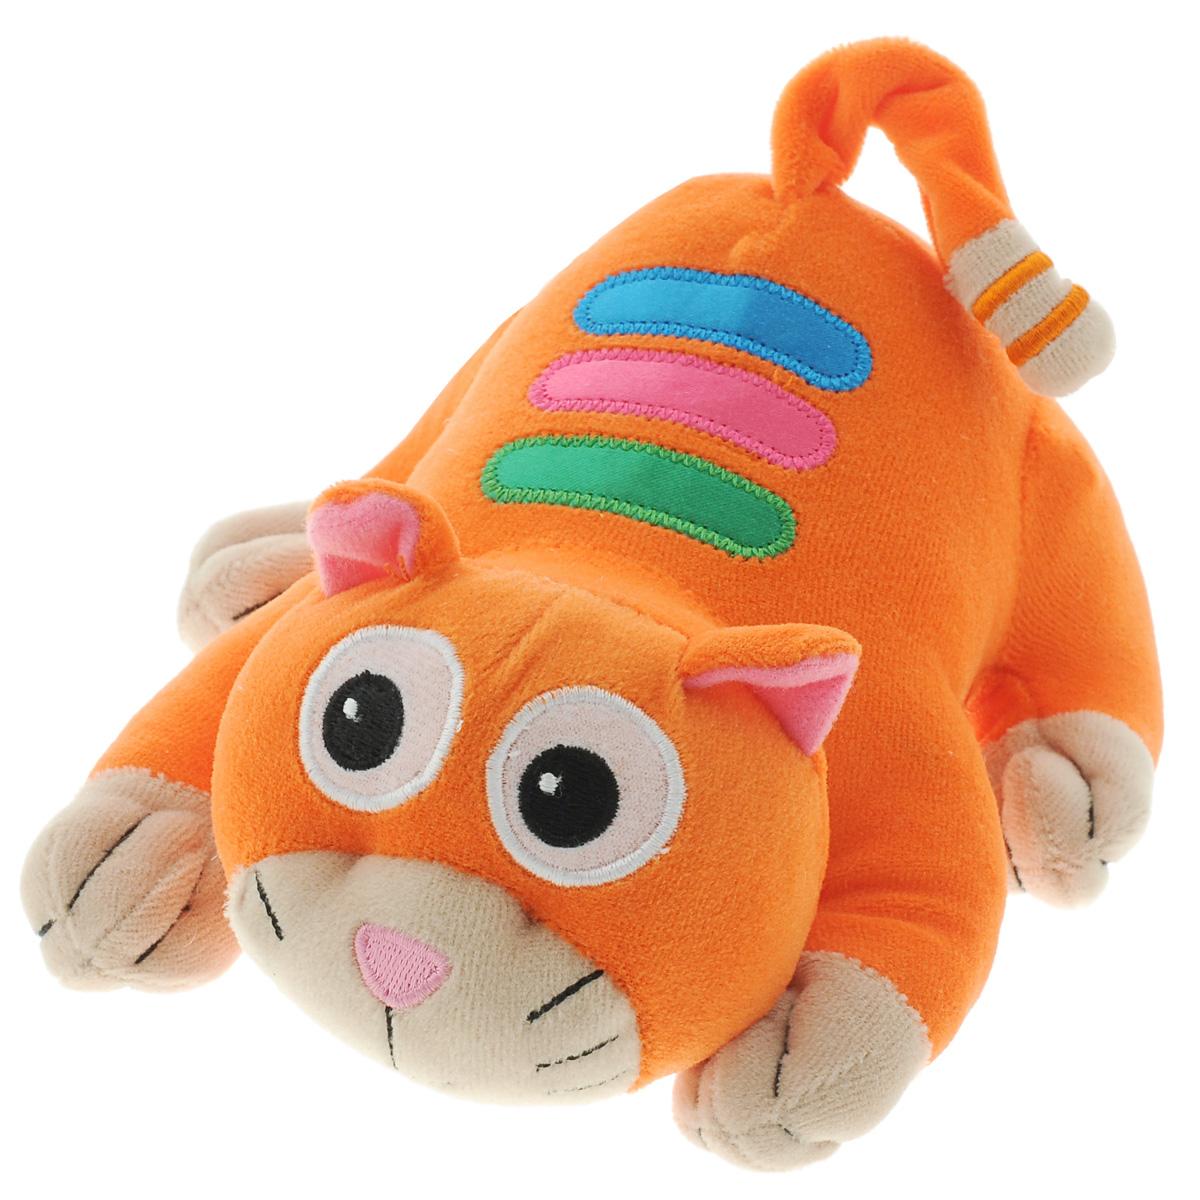 Развивающая игрушка Learning Journey Убегающий котенок146903Мягкая развивающая игрушка Learning Journey Убегающий котенок - это не только веселая, но и полезная игрушка для малыша. Она не позволит ему скучать и научит новому. Игрушка выполнена из мягкого, приятного на ощупь текстильного материала с наполнителем. Игрушка в виде очаровательного полосатого котенка подойдет даже для самых маленьких детей, ведь у нее нет твердых элементов - даже глазки котенка вышиты нитками. Нажмите на брюшко котенка - и он начнет убегать, вибрируя, воспроизводя при этом одну из 12 веселых мелодий. Малышу понравится следовать за ним и ловить убегающего котенка. С котенком можно играть и как с обычной мягкой игрушкой - он изготовлен из безопасных материалов и обязательно понравится малышу. Игры с такой игрушкой развивают мелкую моторику, звуковое восприятие и координацию движений малыша, а также способствует физическому развитию. Рекомендуется докупить 2 батарейки напряжением 1,5V типа АА (товар комплектуется демонстрационными).